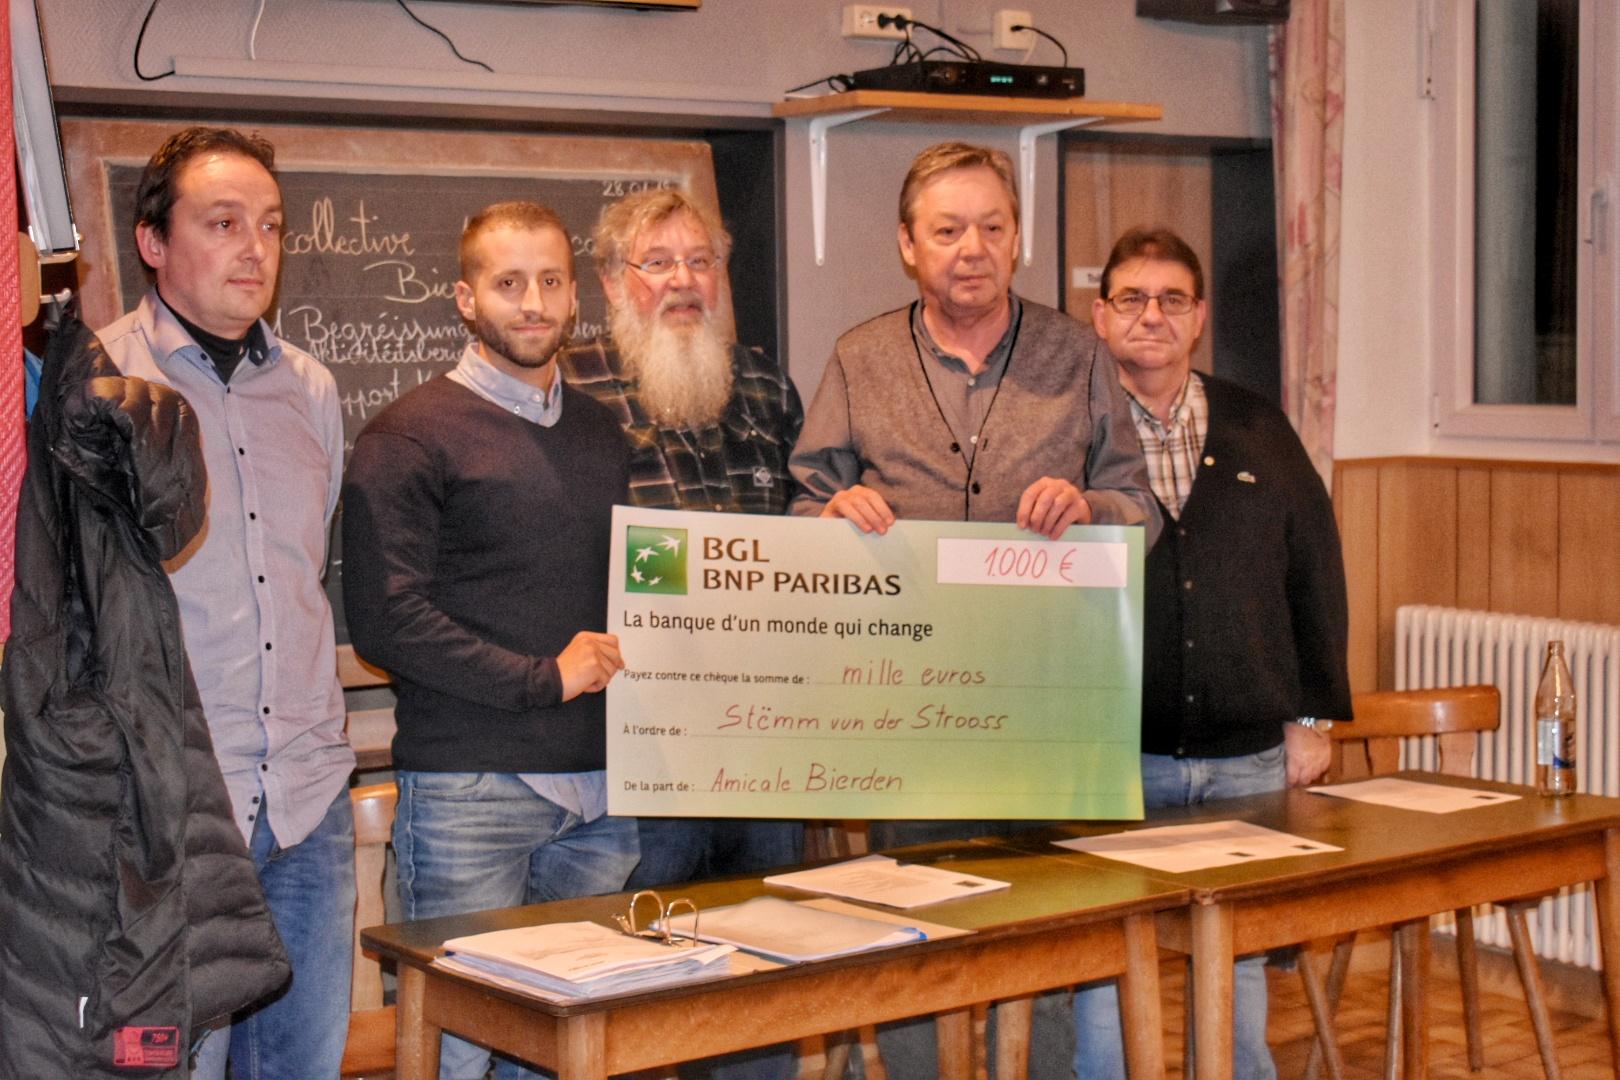 Stëmm vun der Strooss receives 1 000 € from Amicale Bierden.